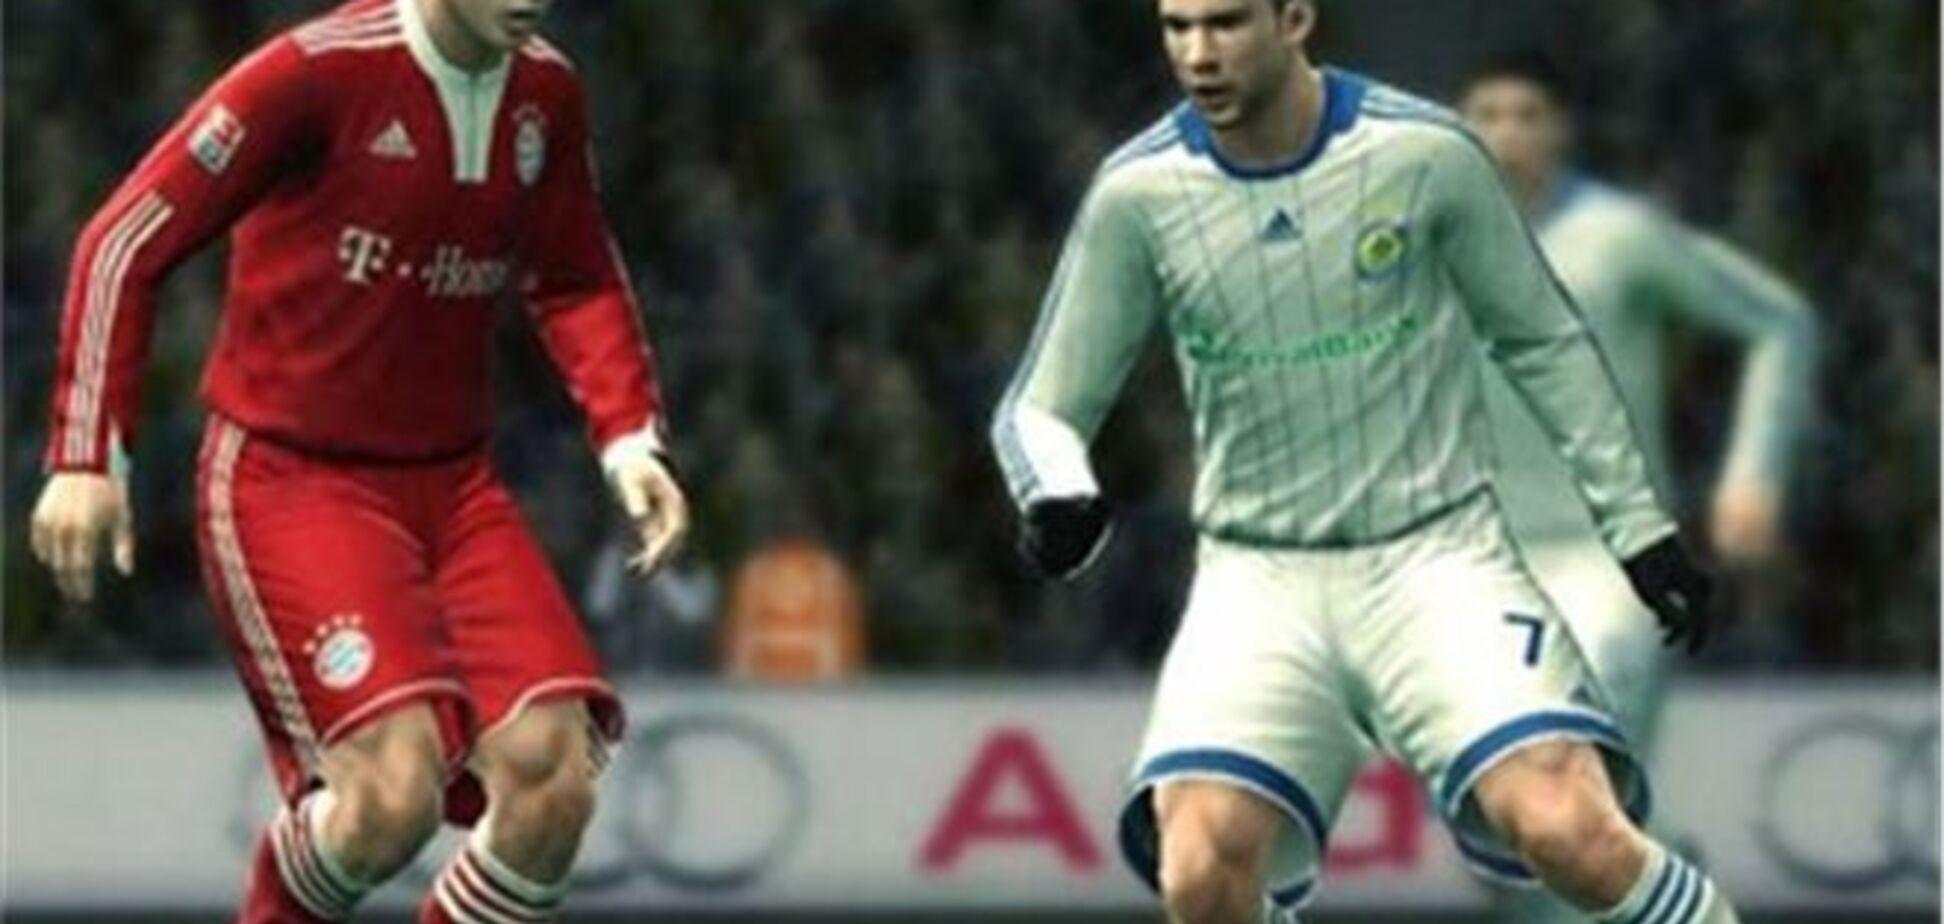 Список лучших компьютерных игр для фанатов футбола